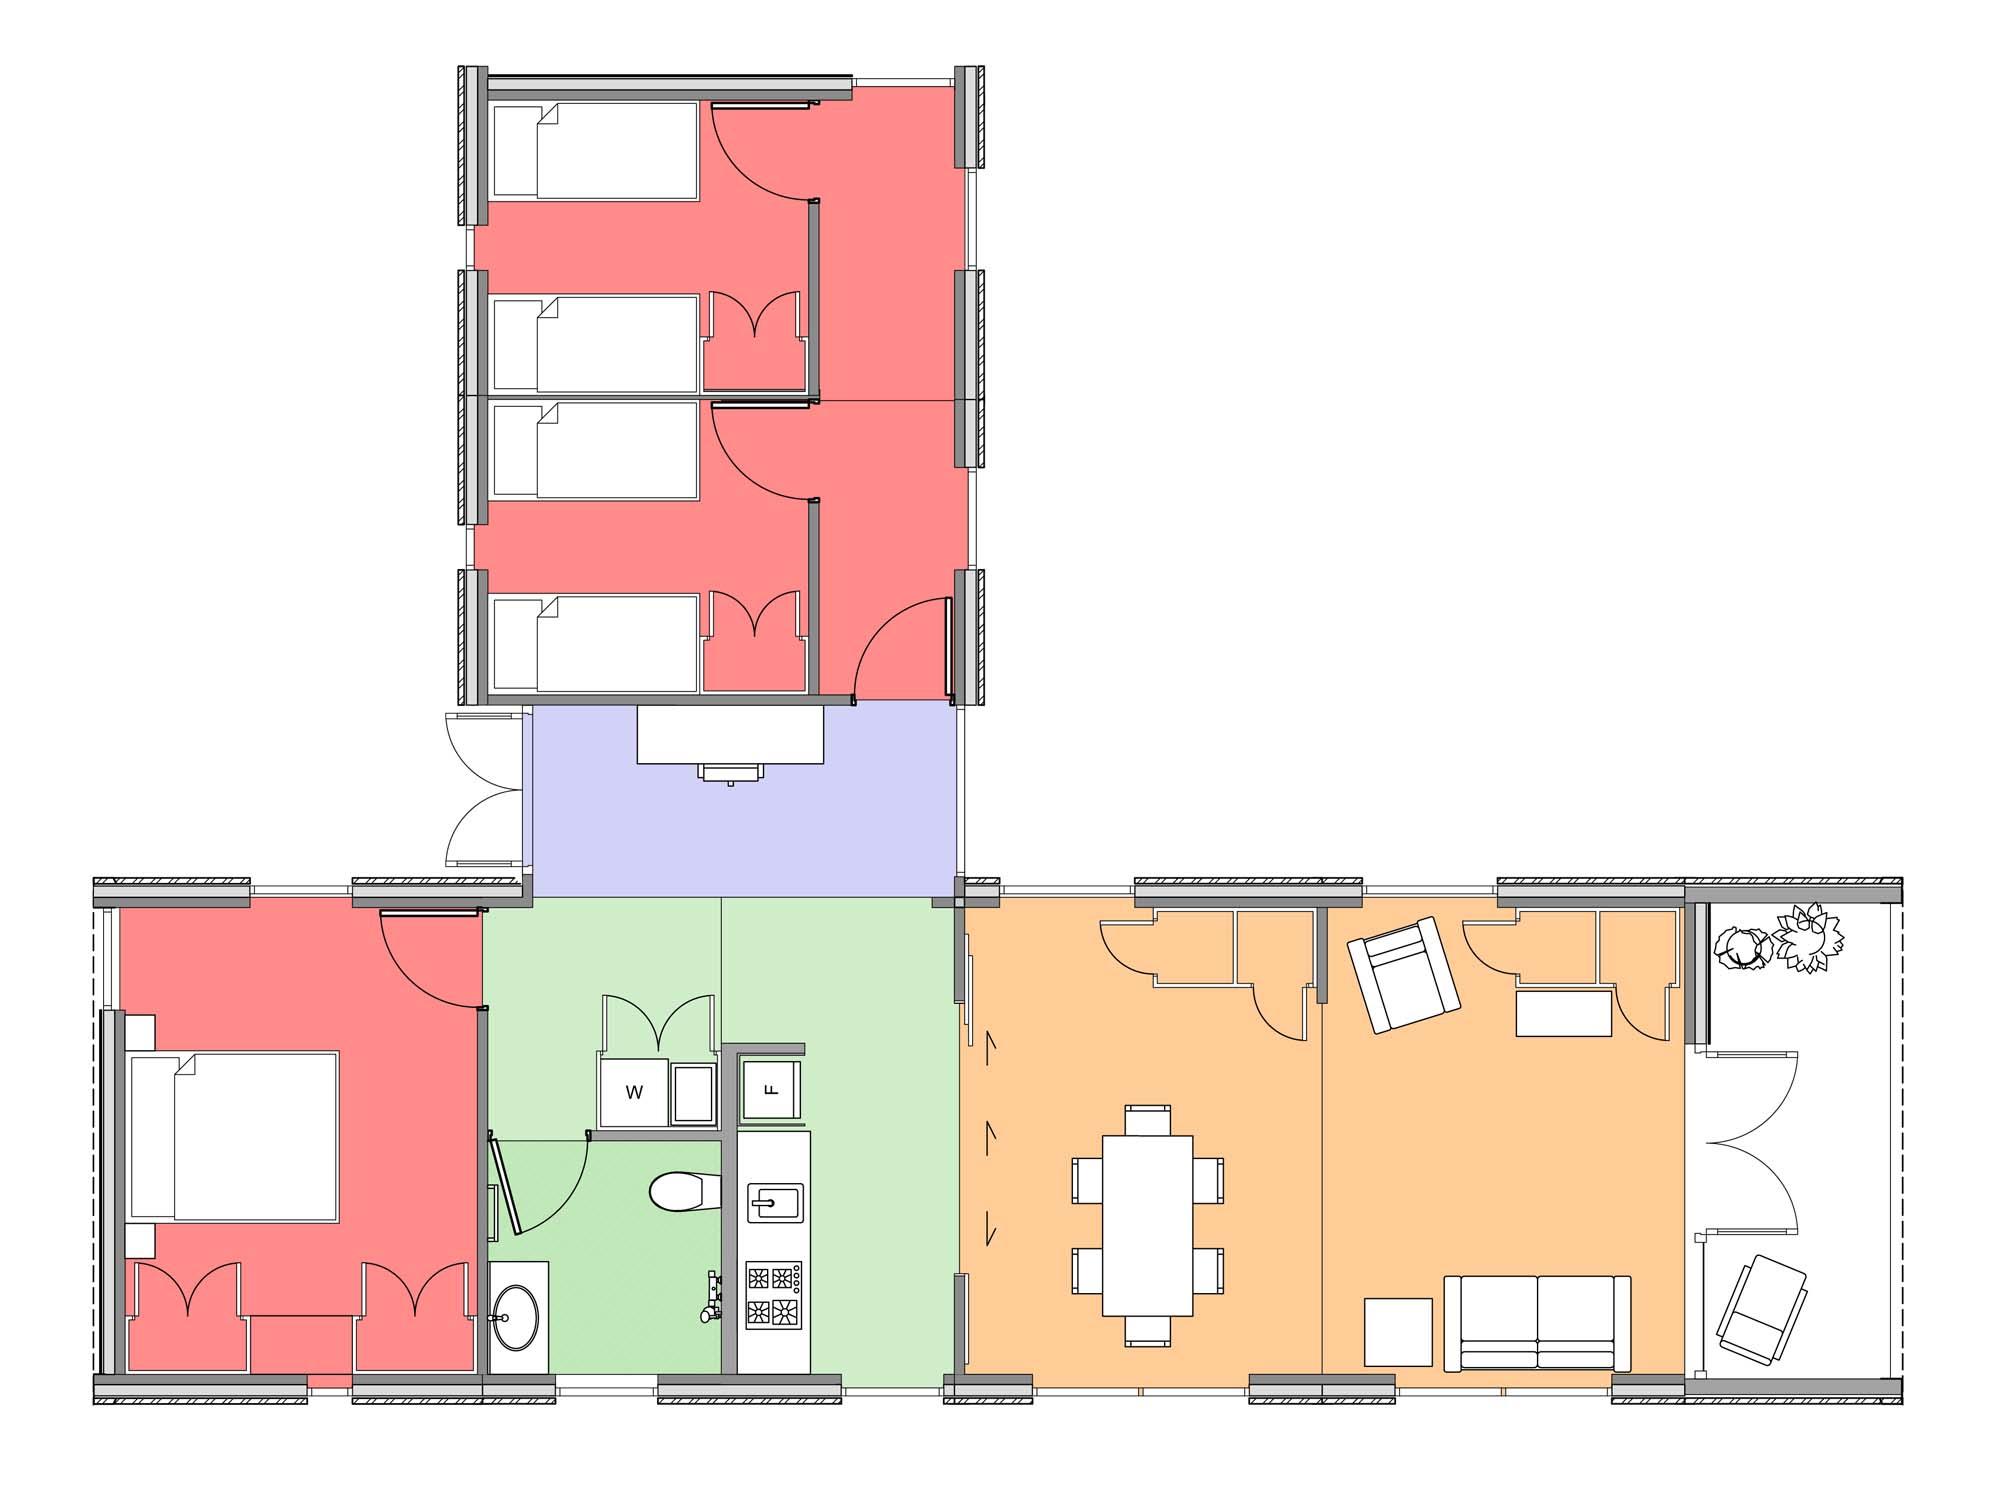 Plan of Te Whare-iti TWI 34